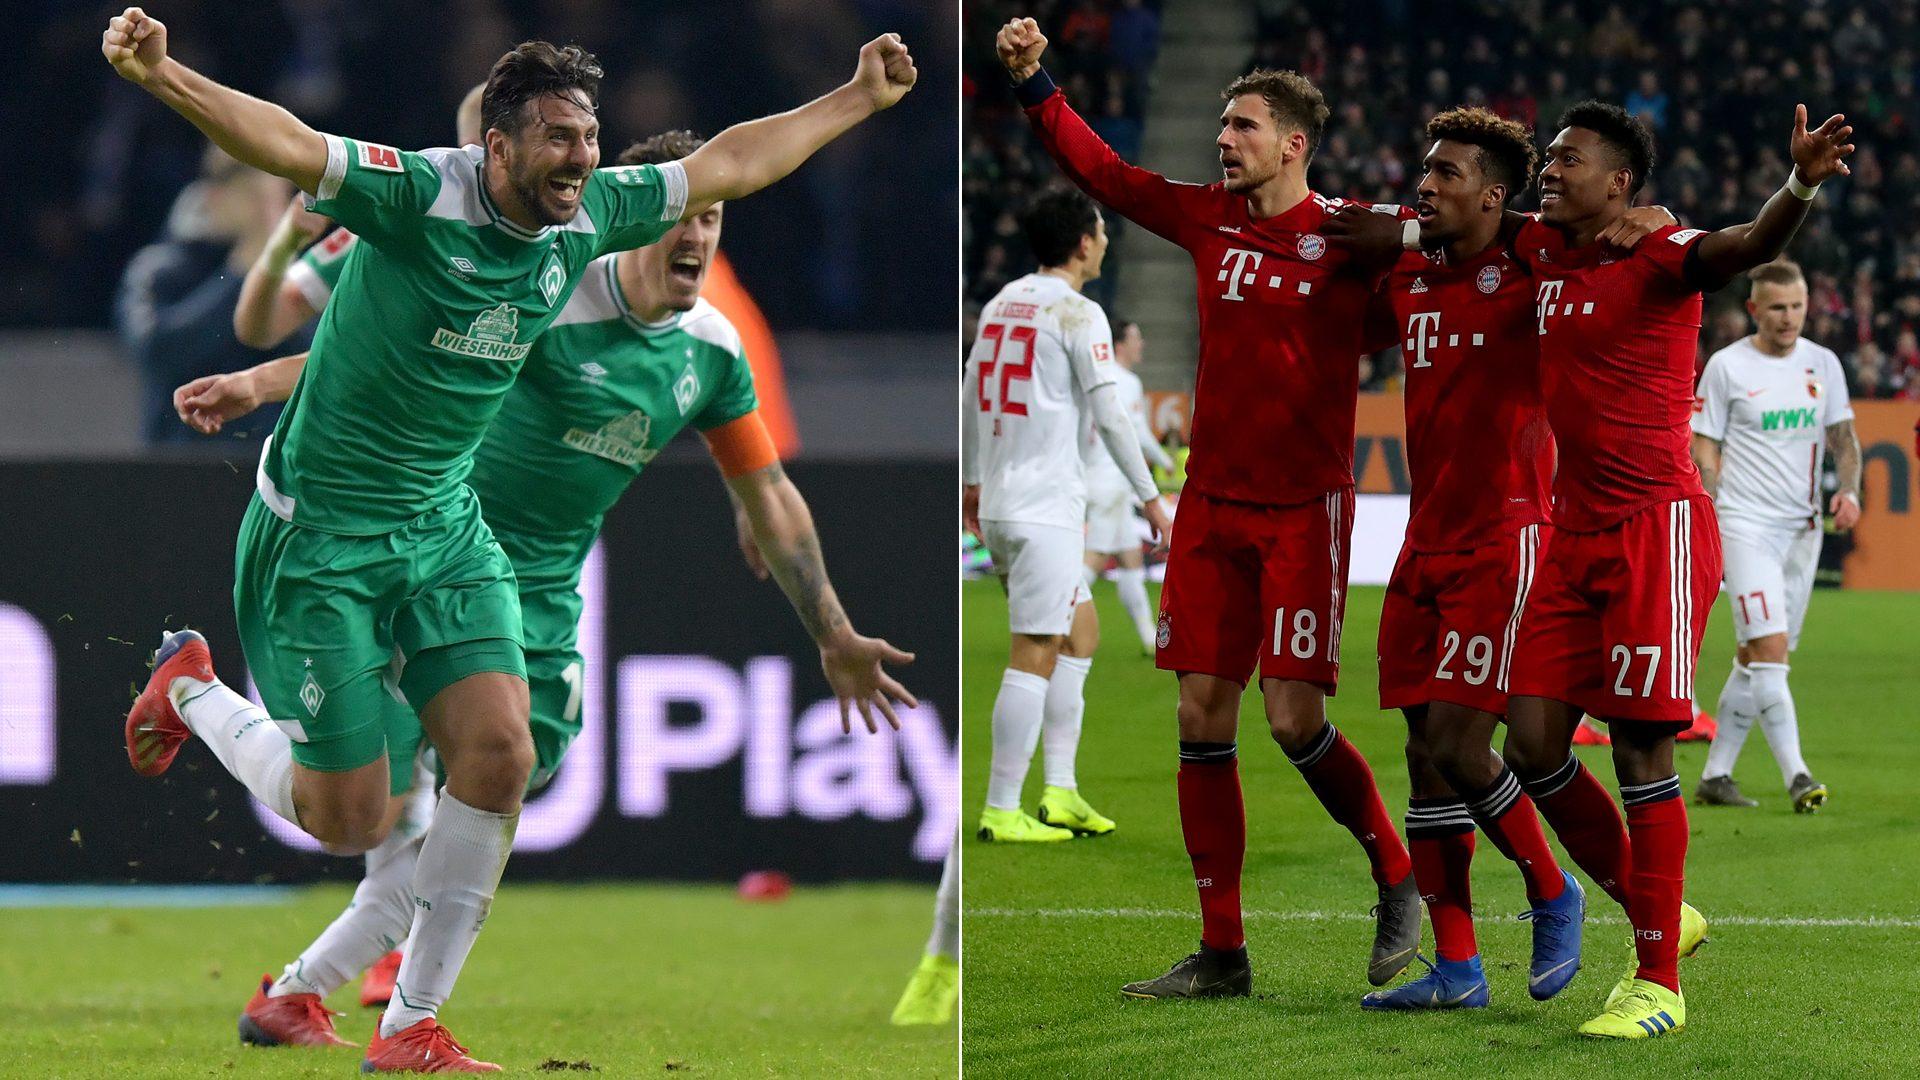 Darüber spricht die Bundesliga am 22. Spieltag